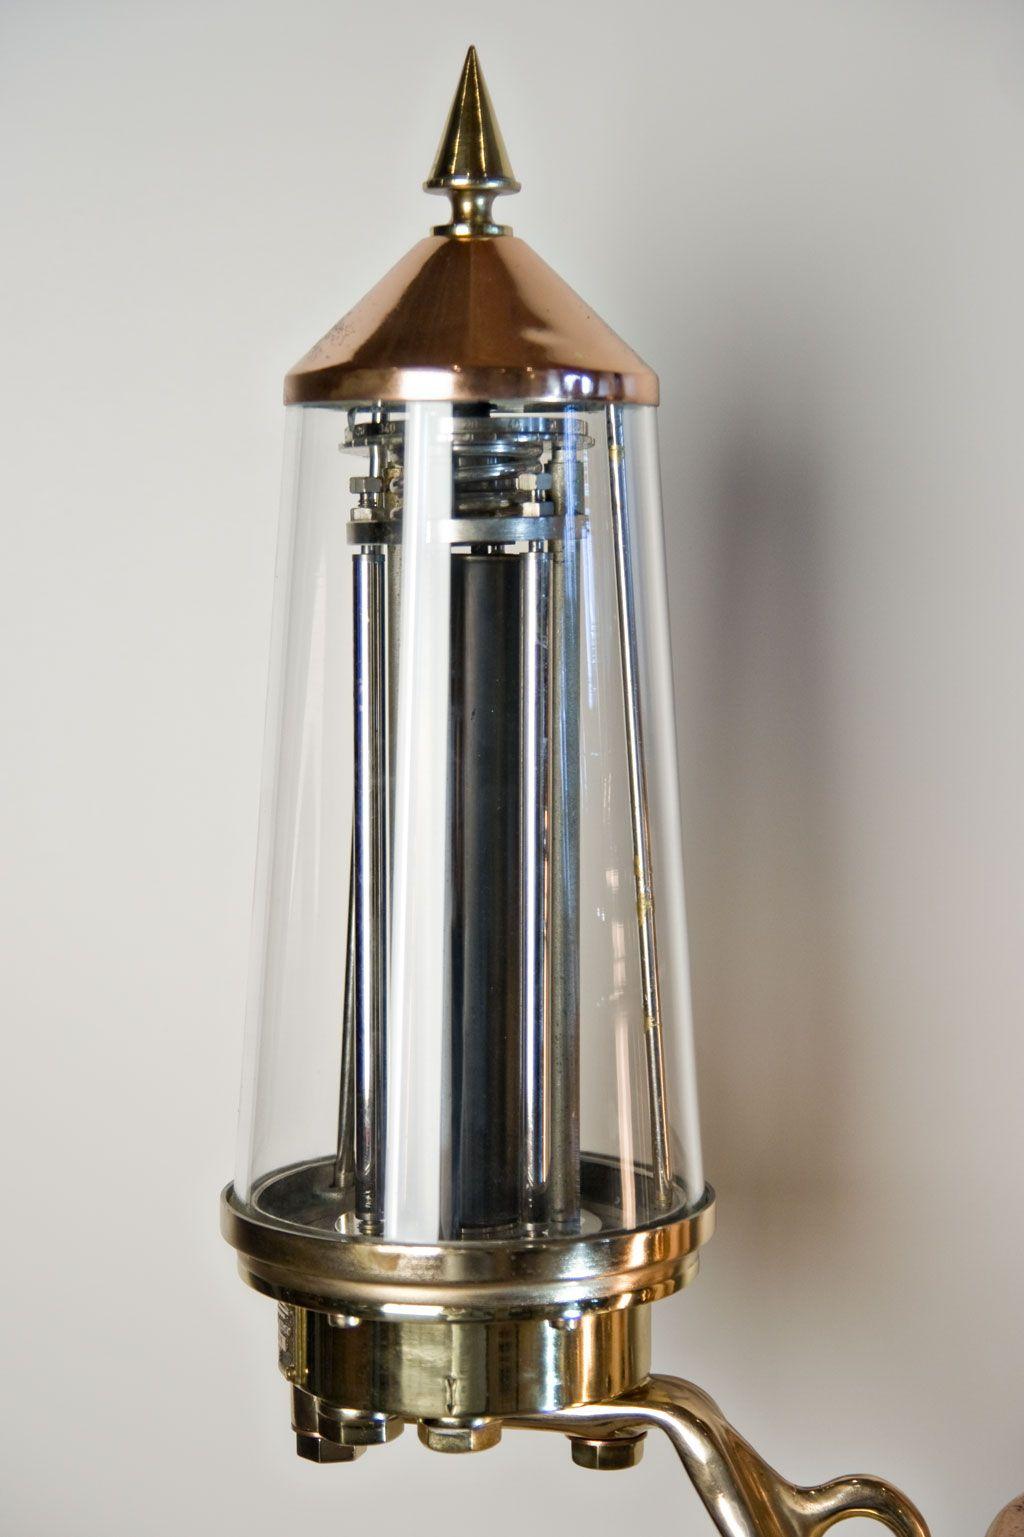 Service Gas Buoy Light